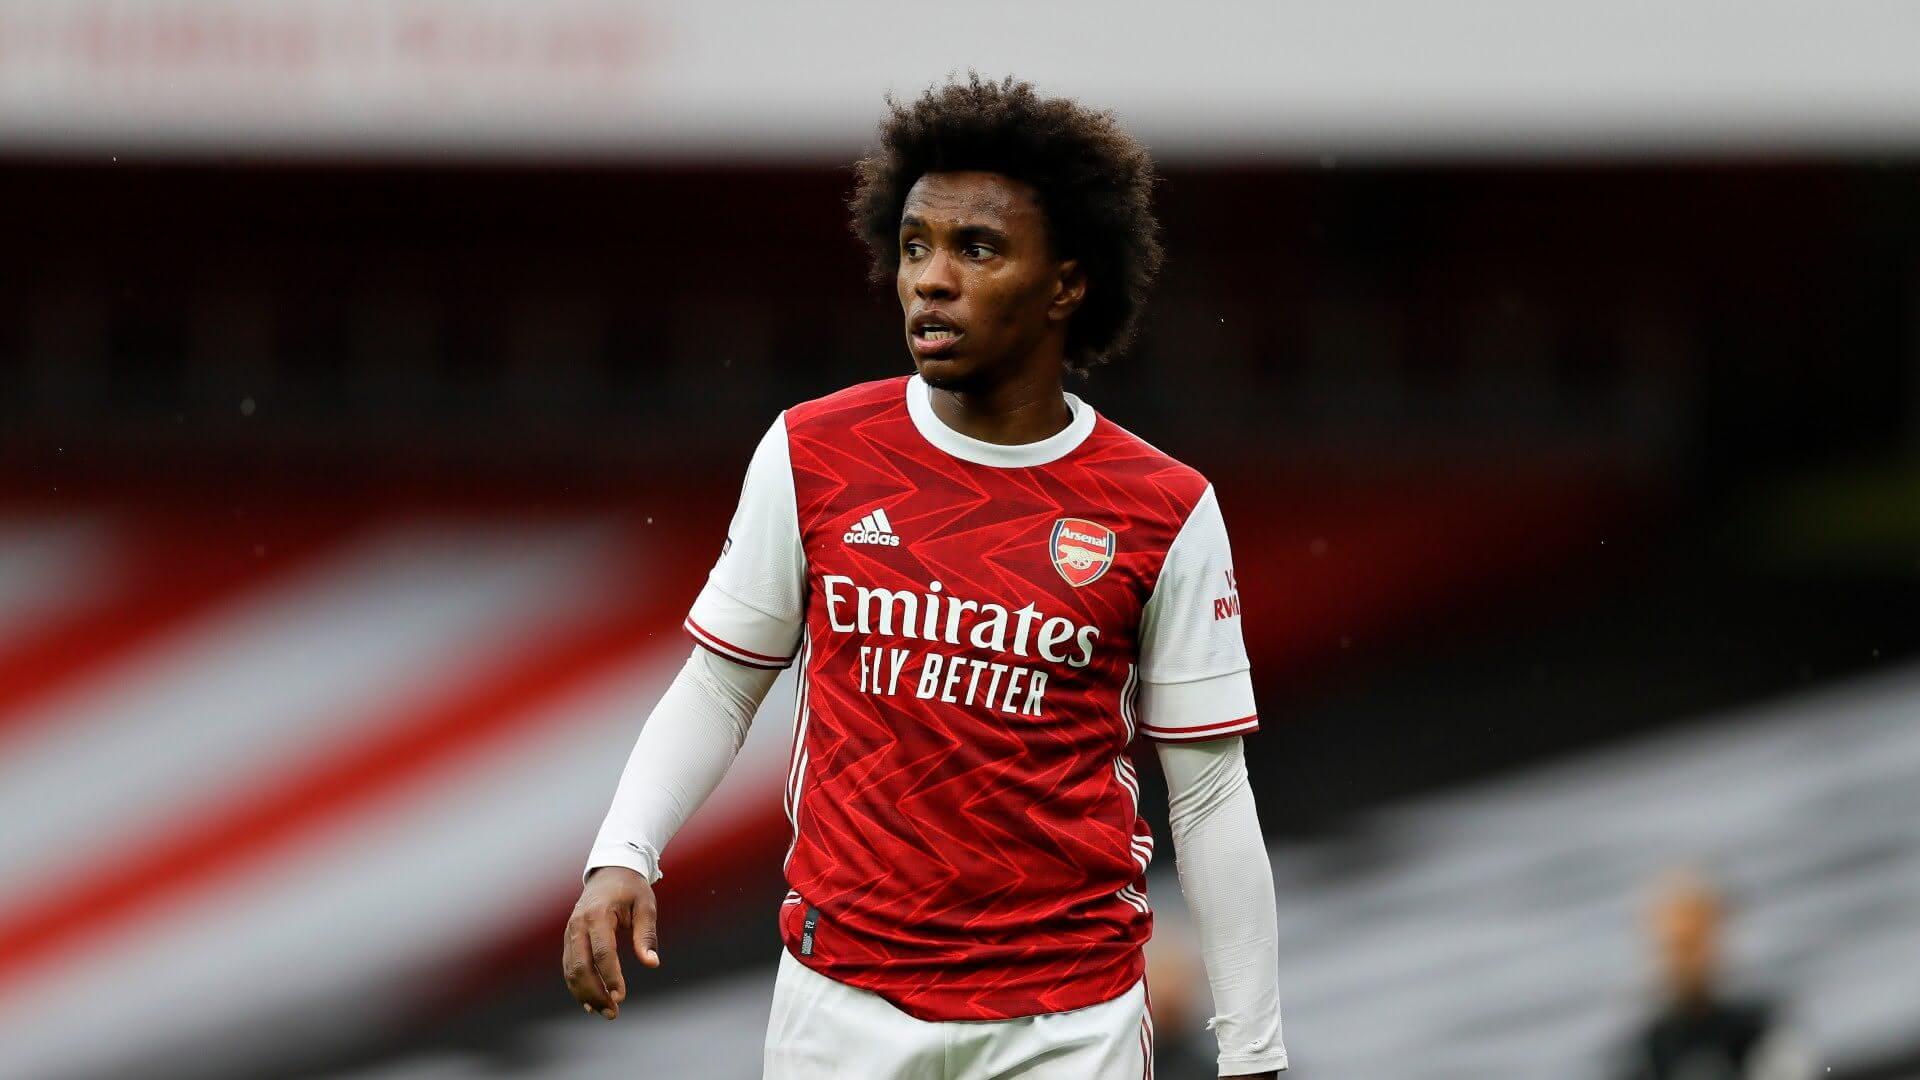 William em ação pelo Arsenal